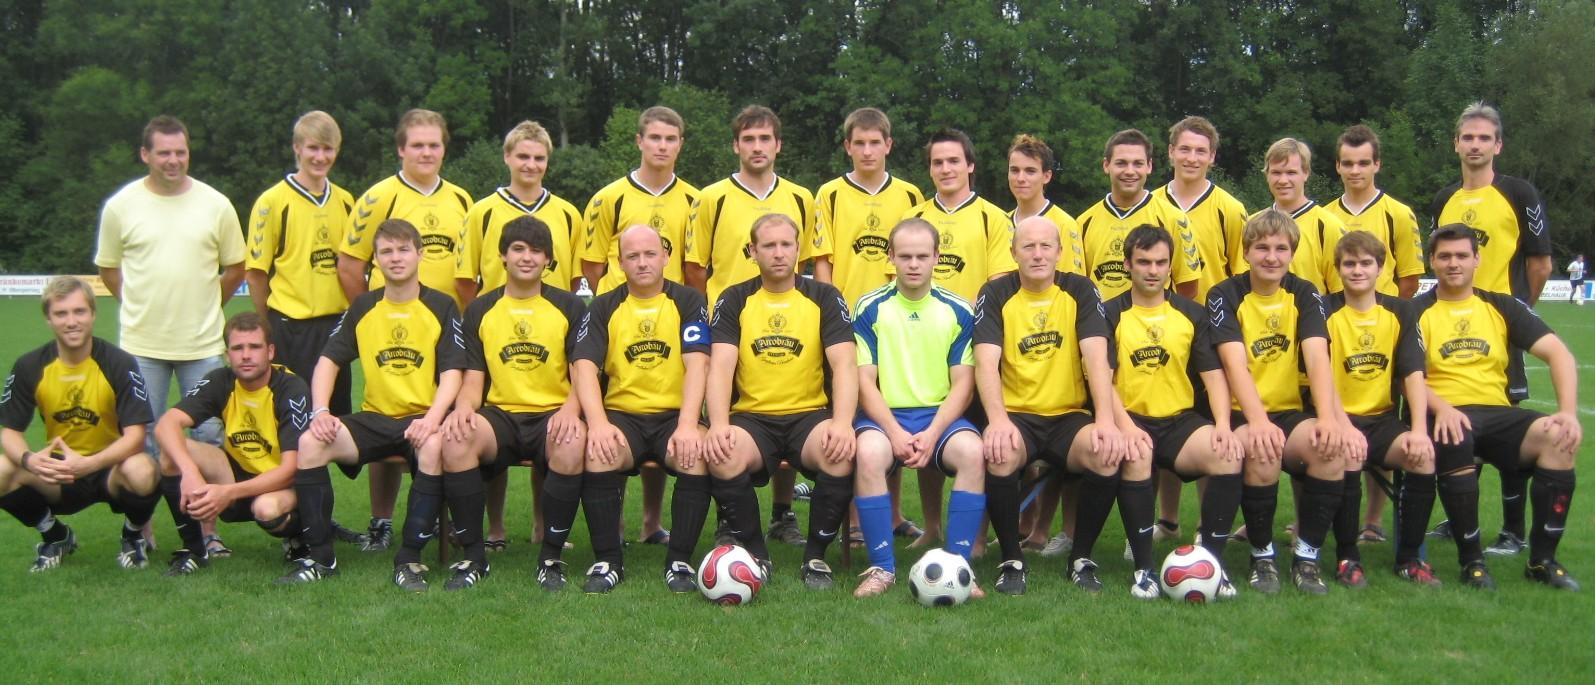 Mannschaften 2009